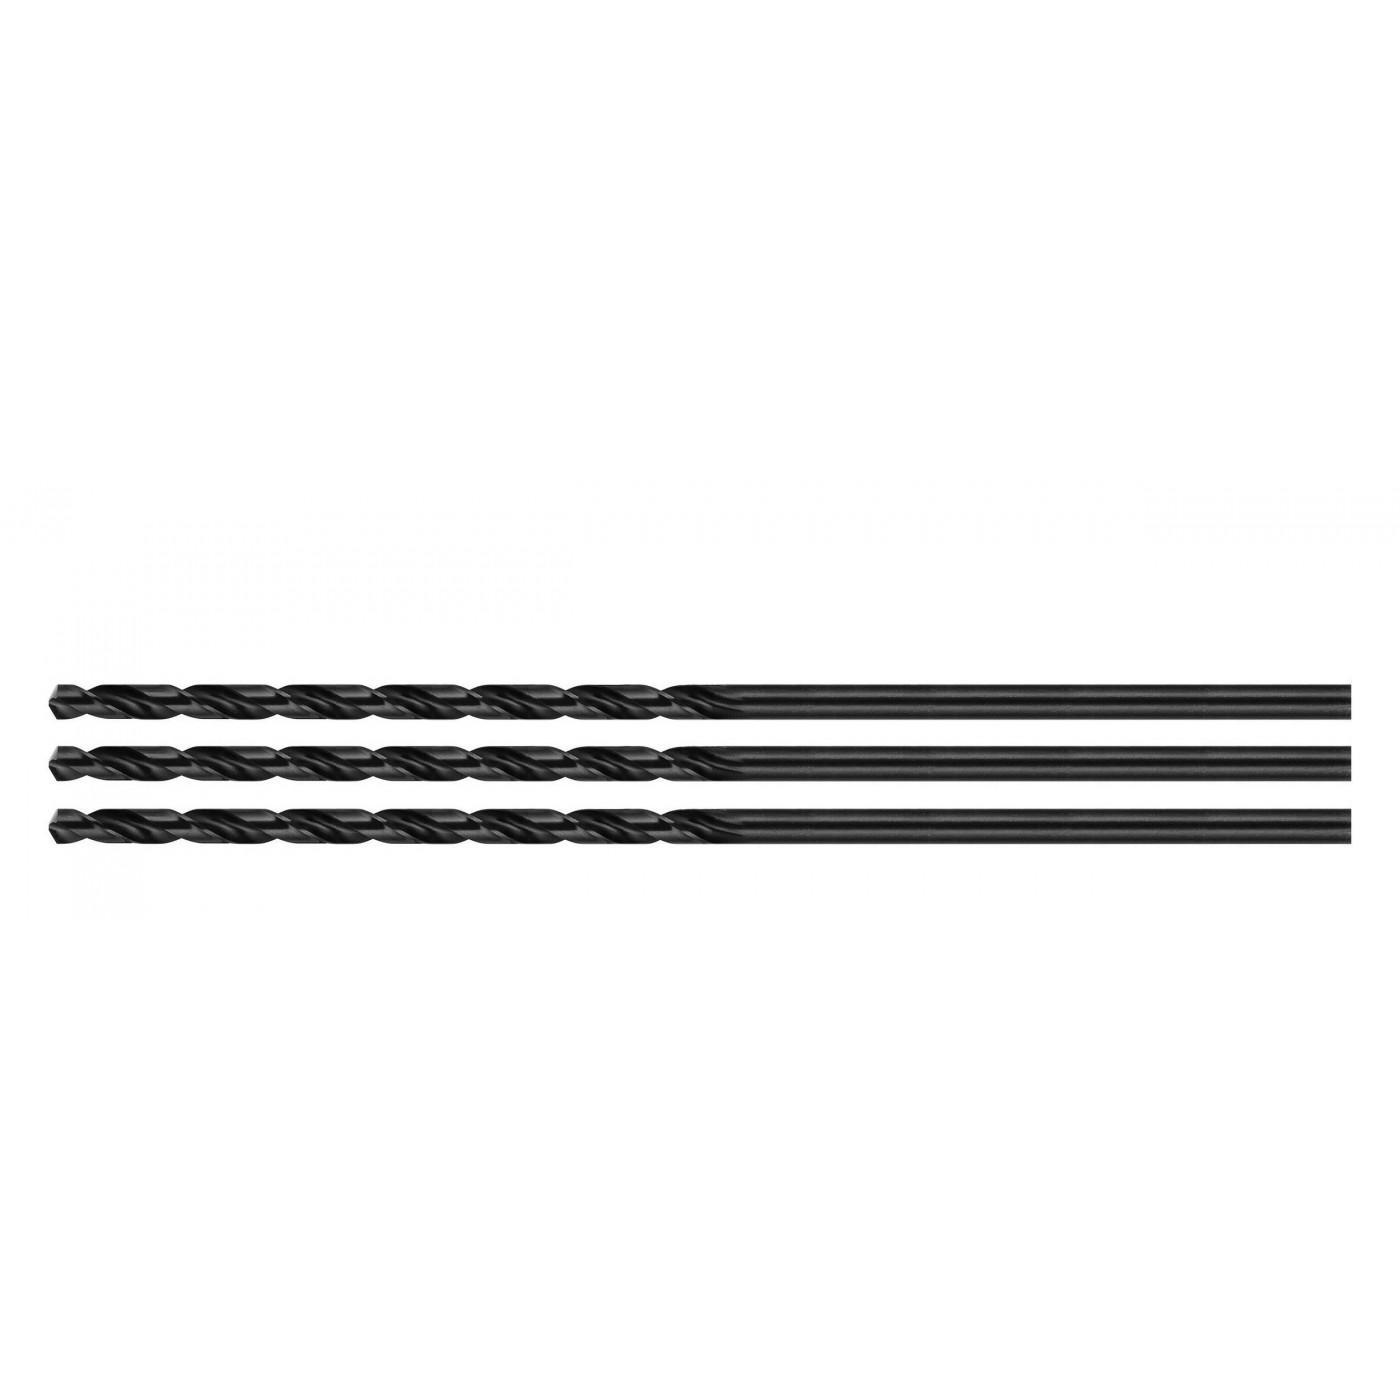 Set of 3 metal drill bits (HSS, 7.0x200 mm)  - 1